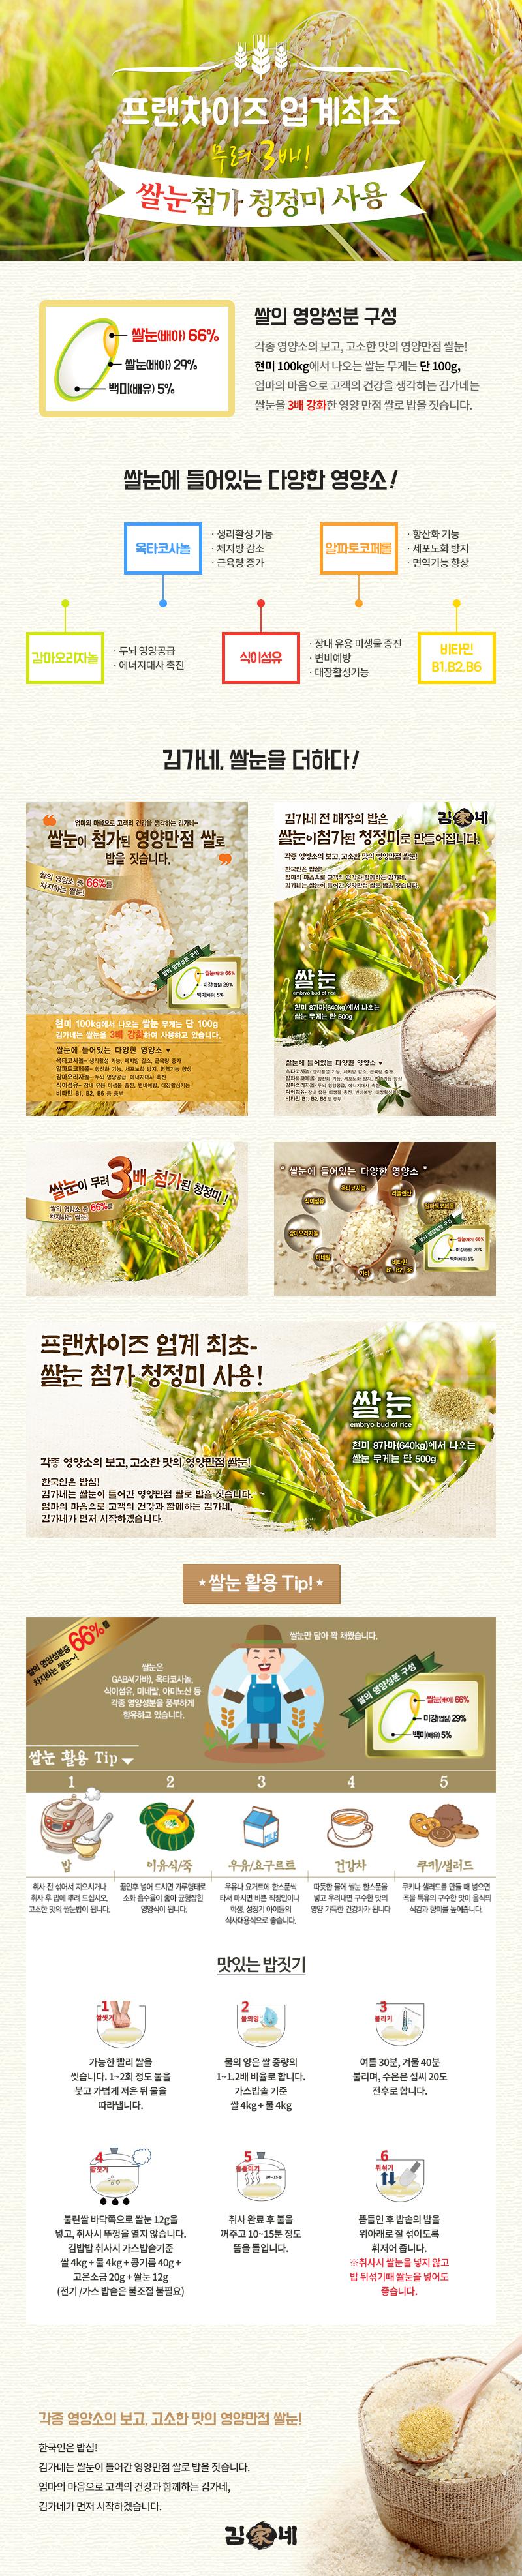 쌀눈마케팅_수정.jpg